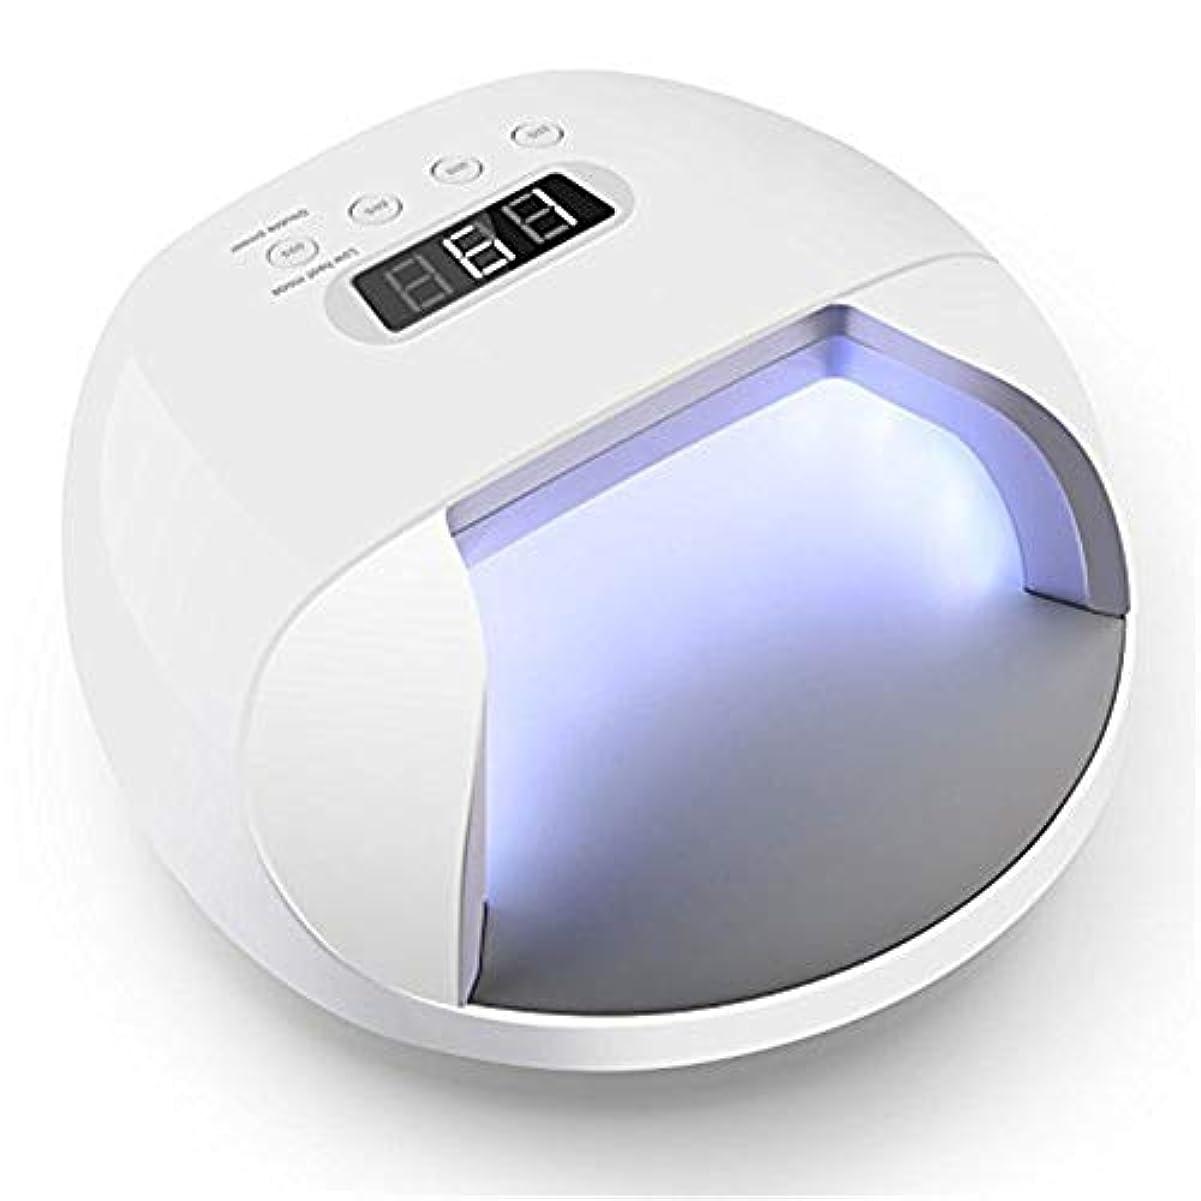 混雑ジャンク子供達ダブルパワーデザイン、4タイマー設定、液晶ディスプレイ、痛みのない硬化、過熱保護を備えたジェルネイル用UV LEDネイルランプUVライト